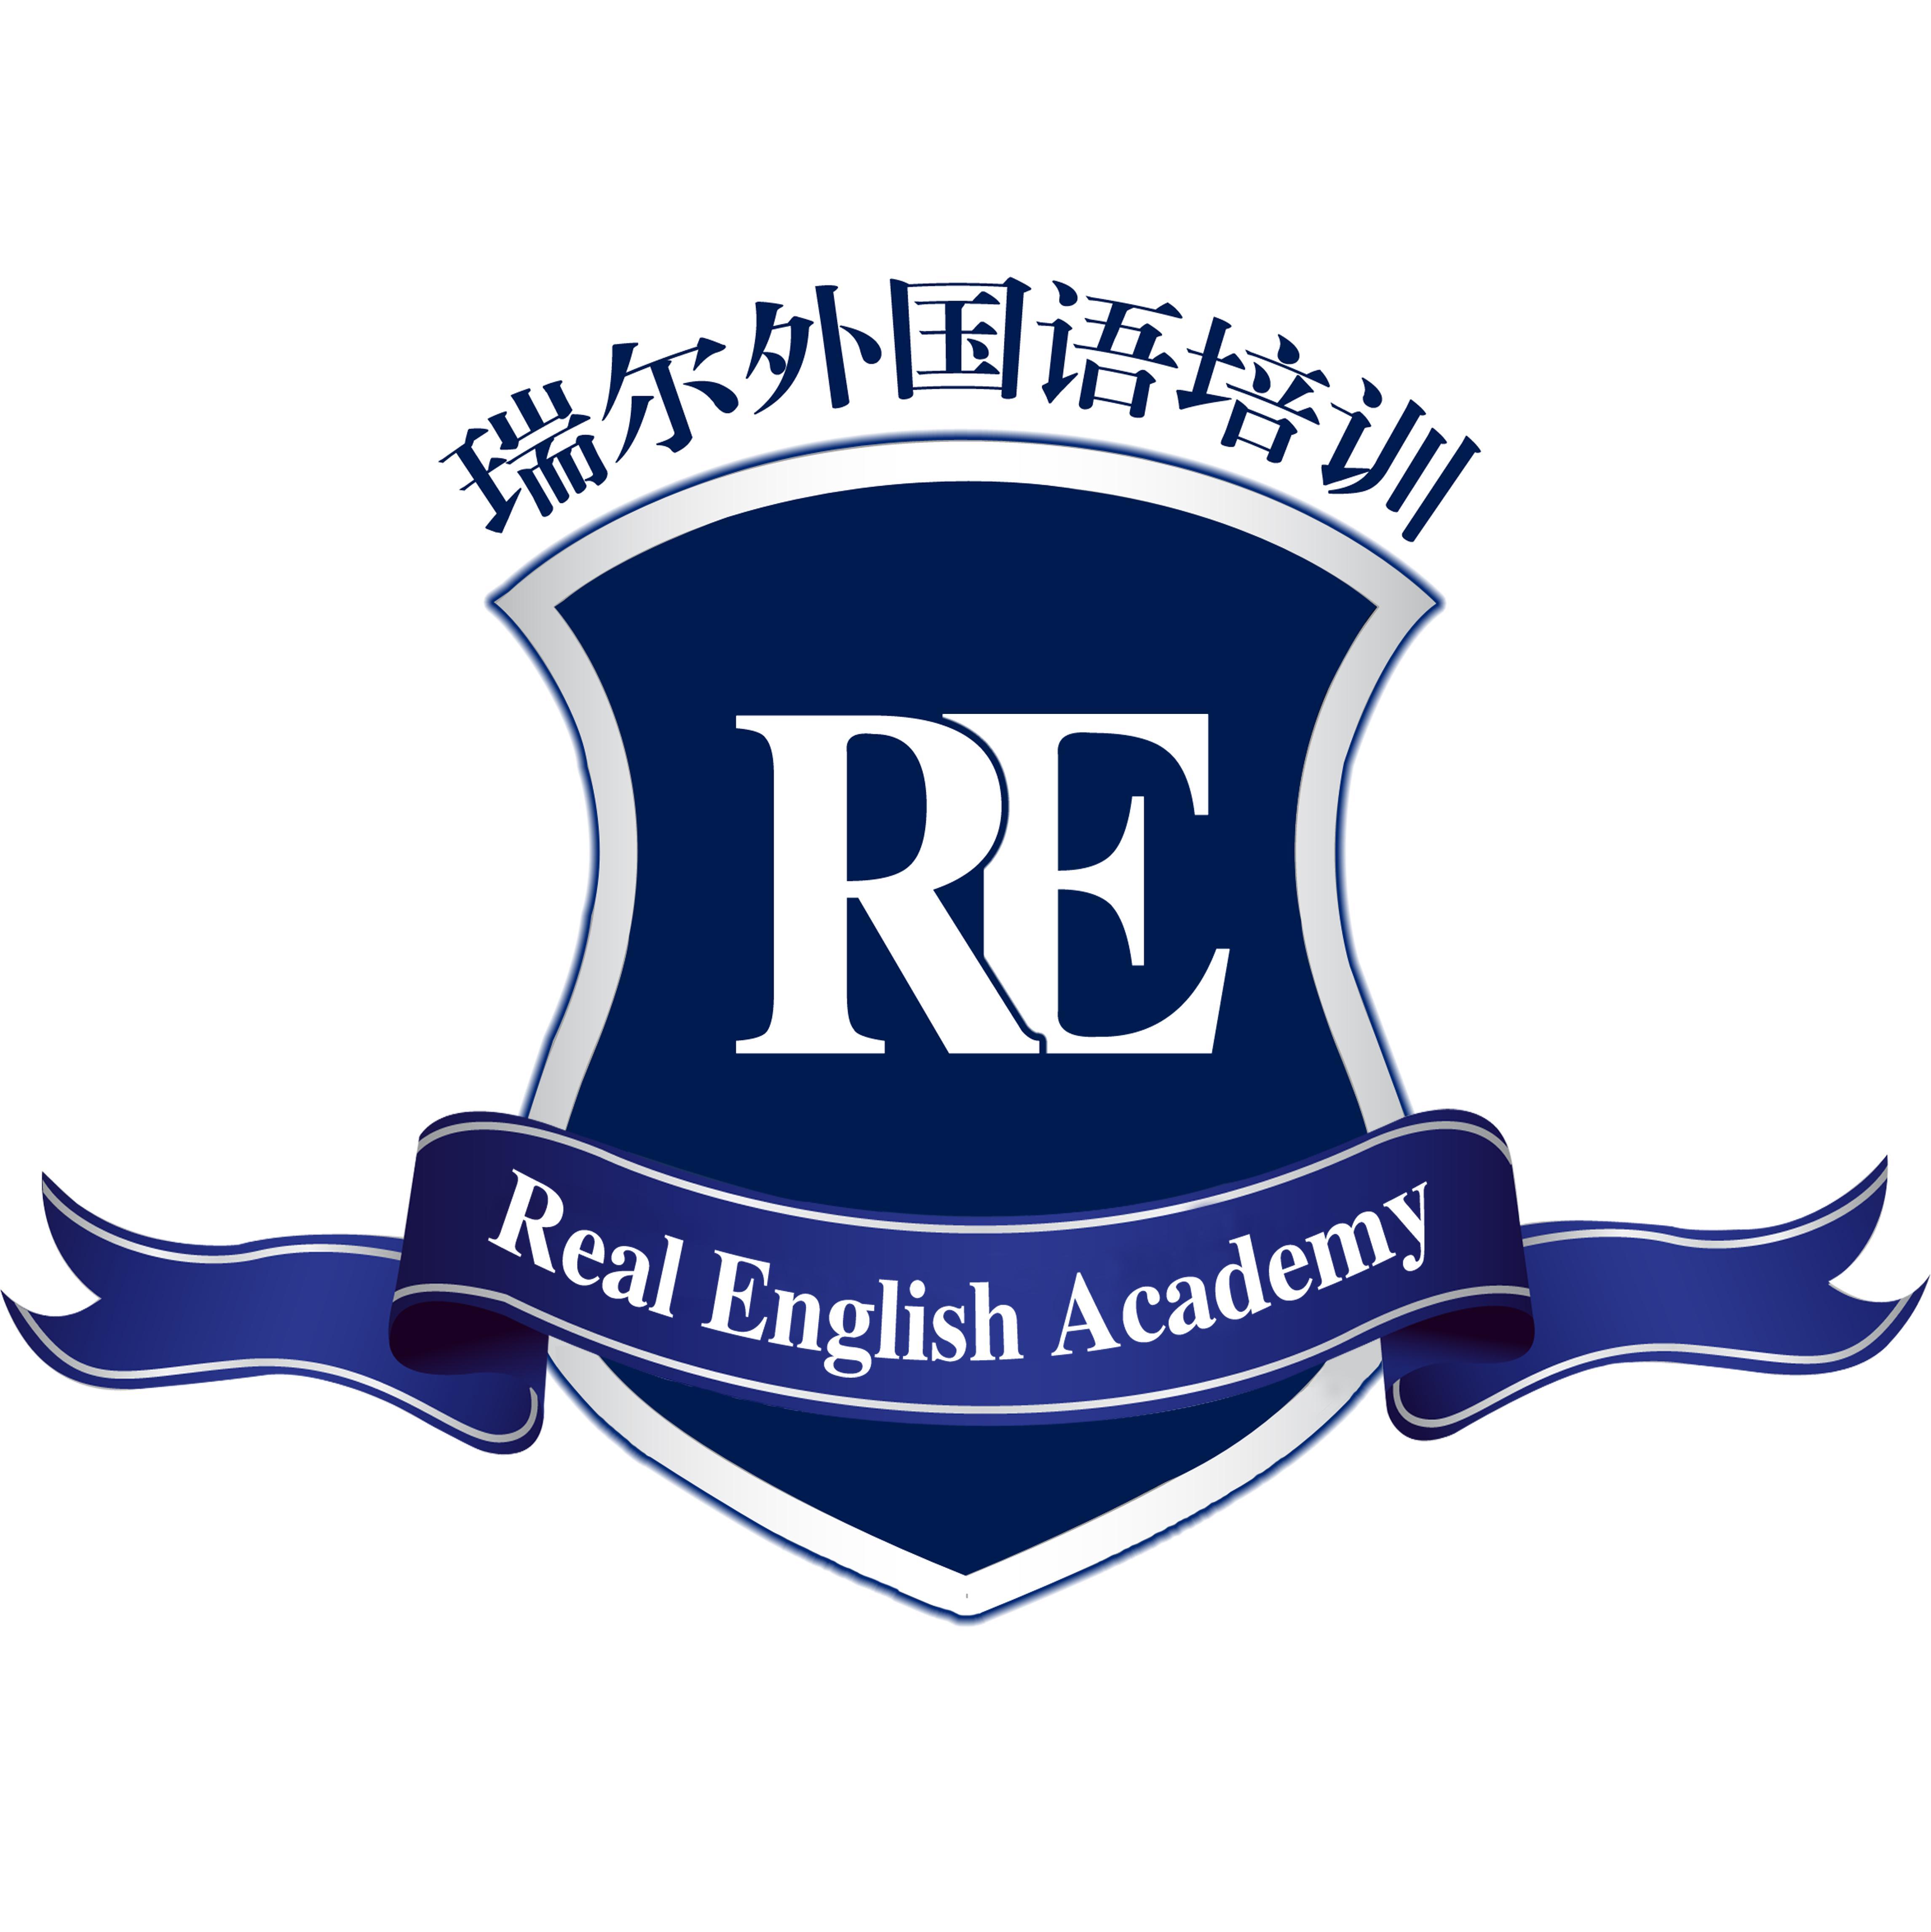 <![CDATA[Real English Academy]]>